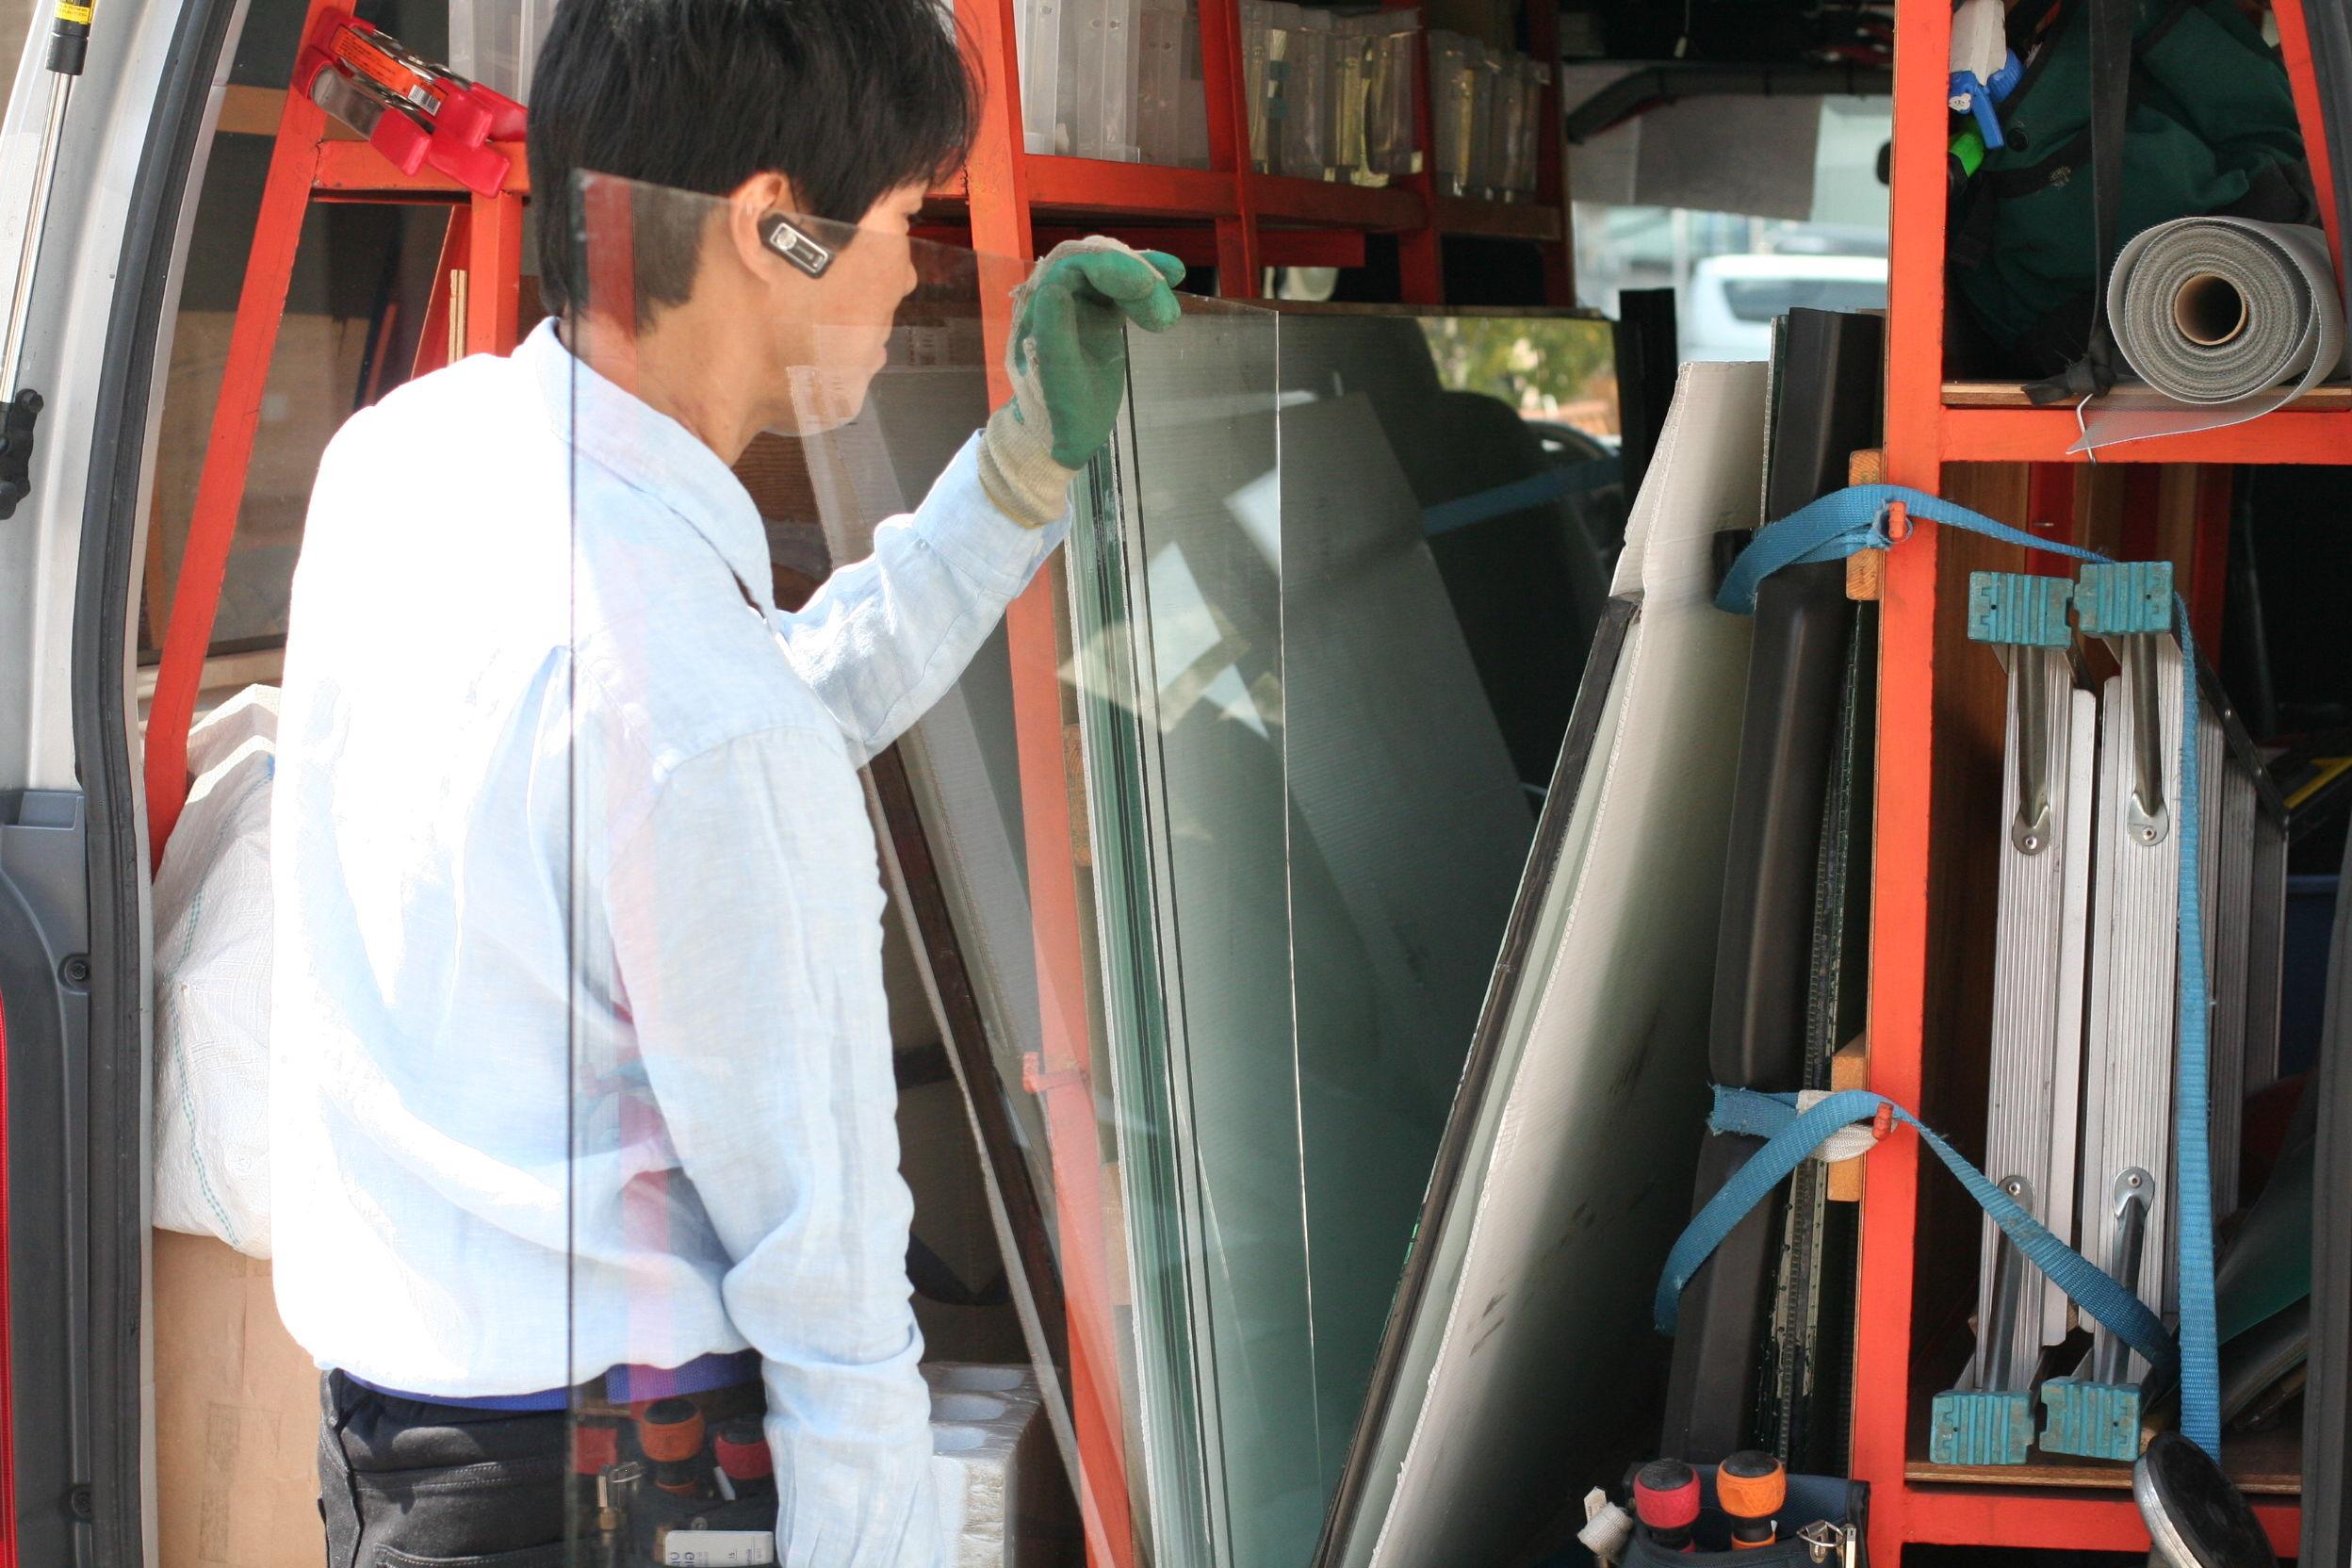 ガラスのトラブル救Q隊.24【名古屋市昭和区 出張エリア】のメイン画像